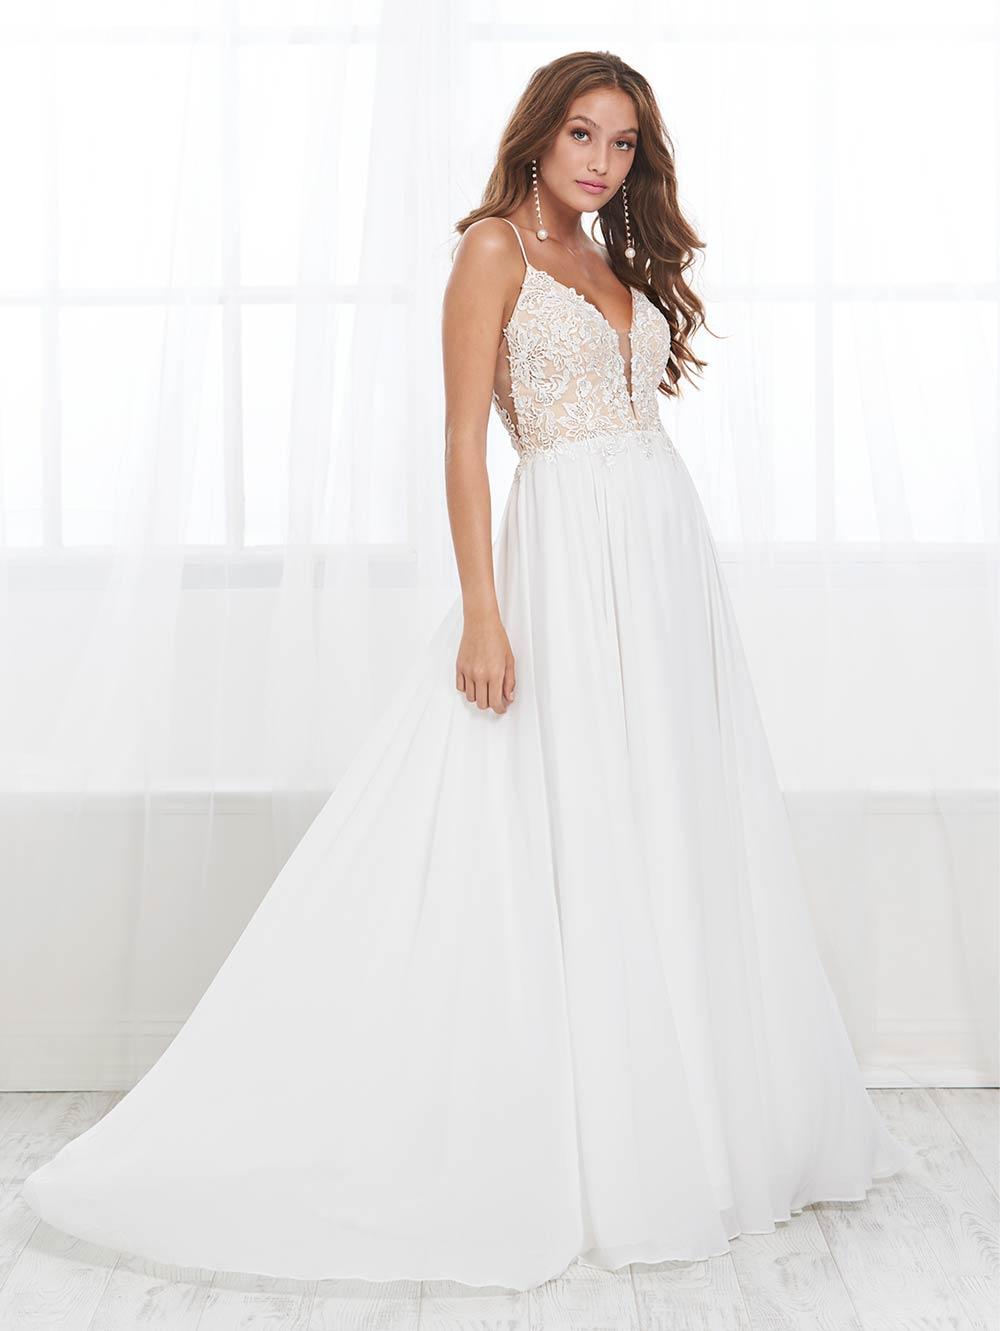 prom-dresses-jacquelin-bridals-canada-27667